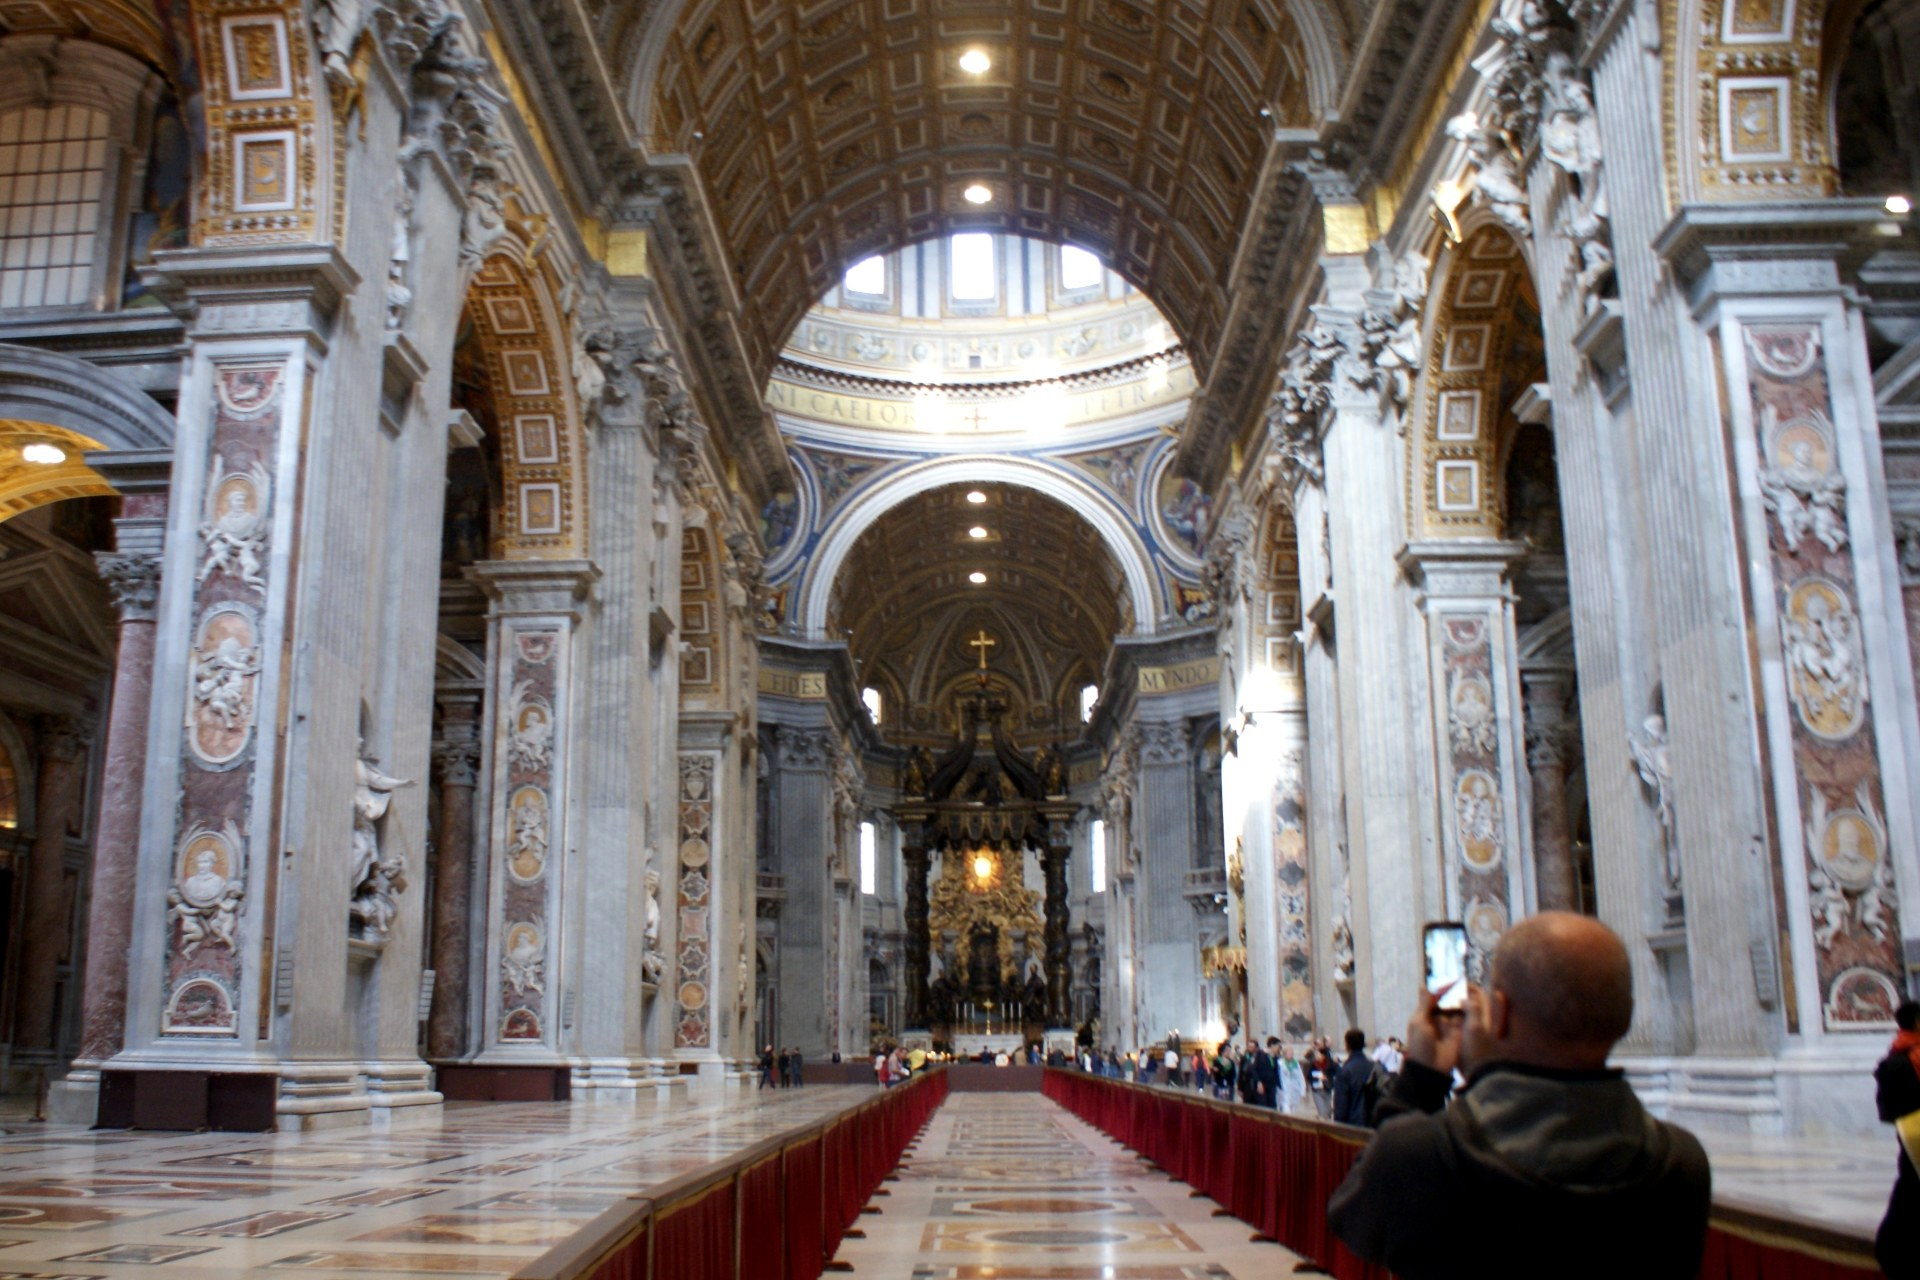 Images - Stald - Rome Printemps 2016 - 04:05 - 15